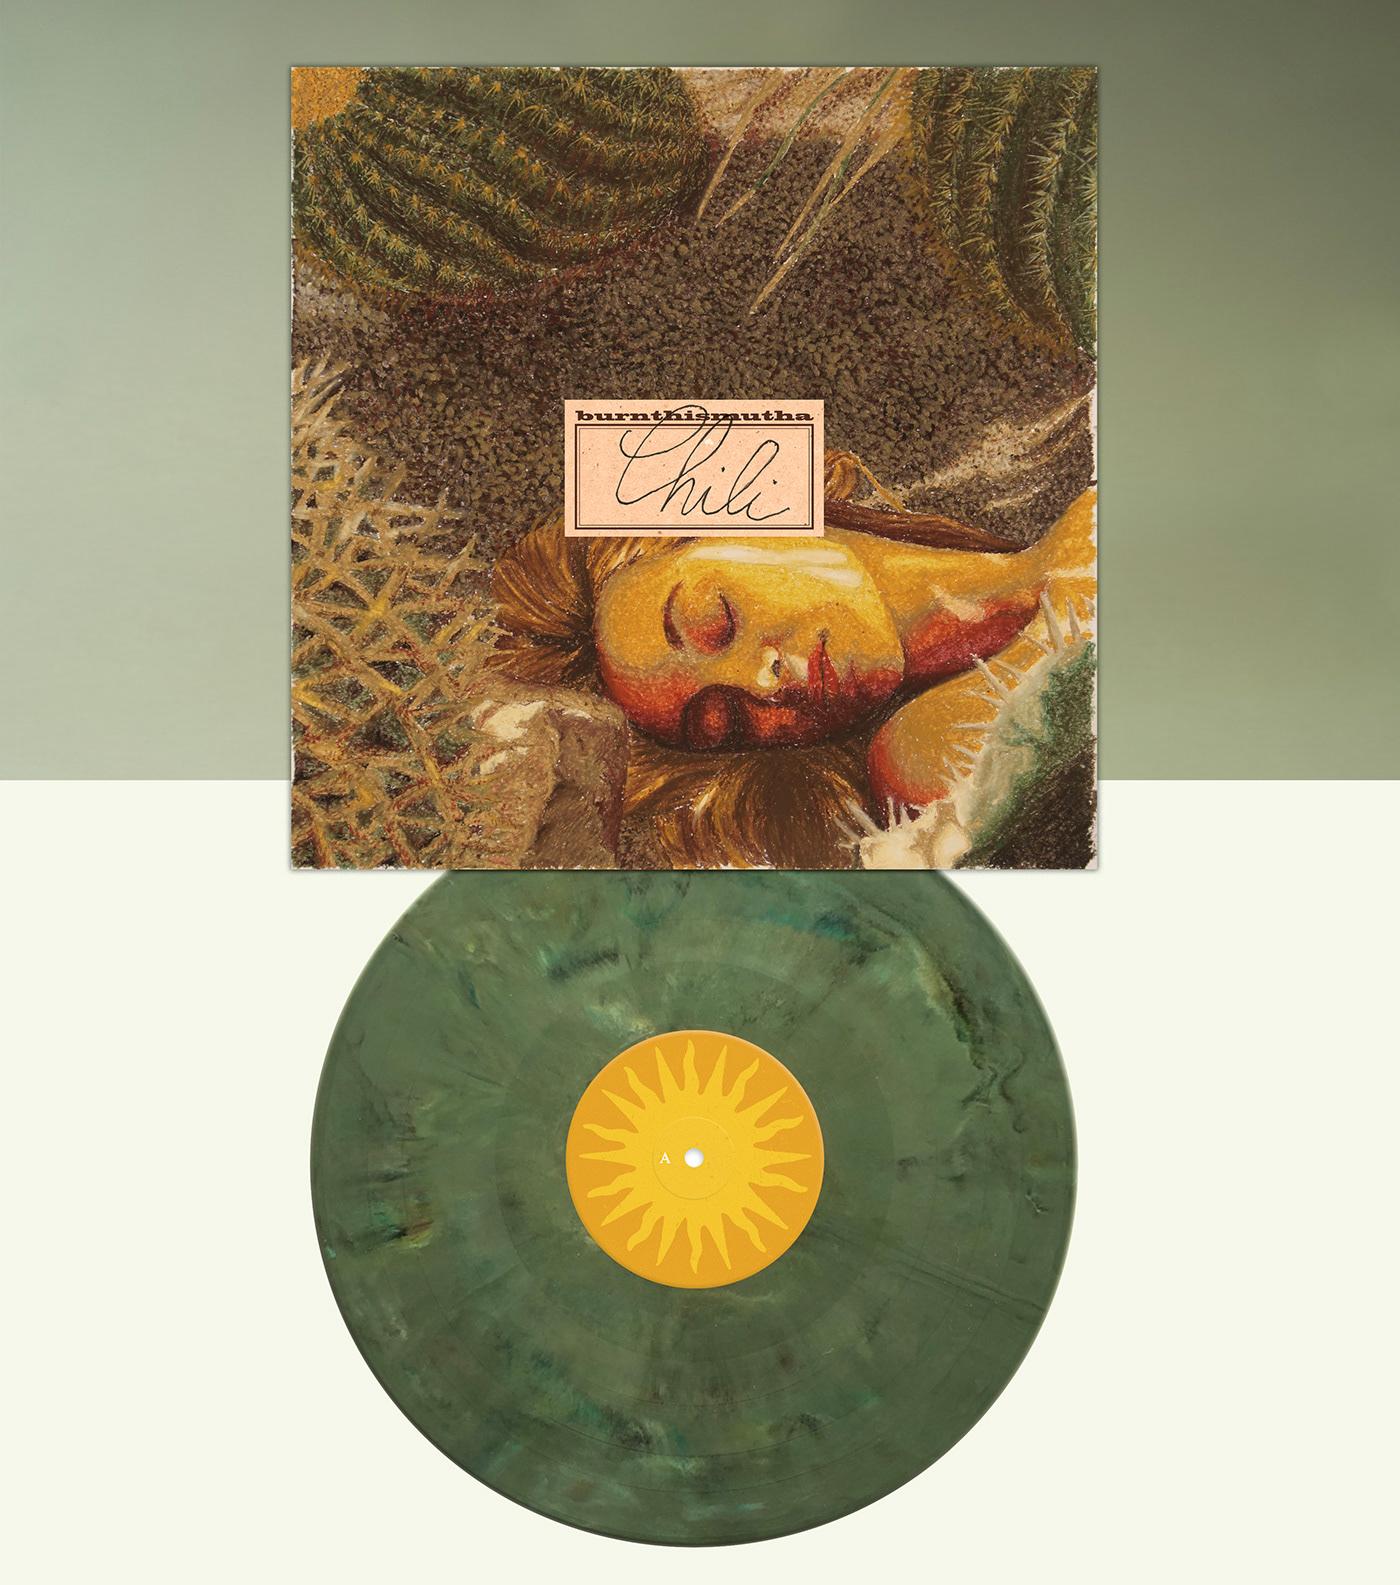 album cover art burnthismutha cover Cover Art desert guifurt music Red Tour vinyl record